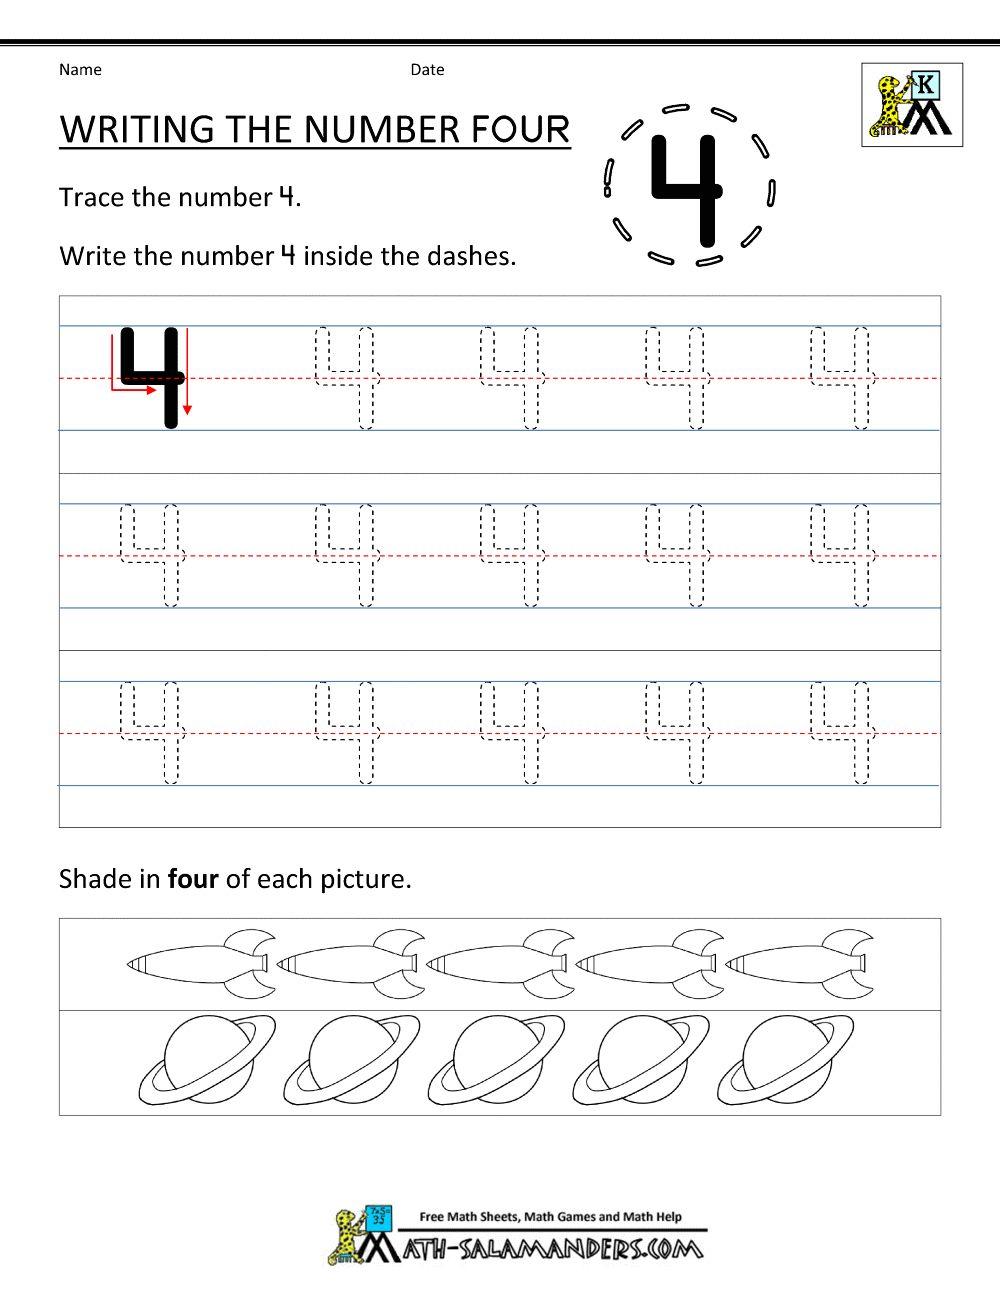 worksheet Number 4 Worksheets For Kindergarten image from httpwww math salamanders comimage fileskindergarten comimage